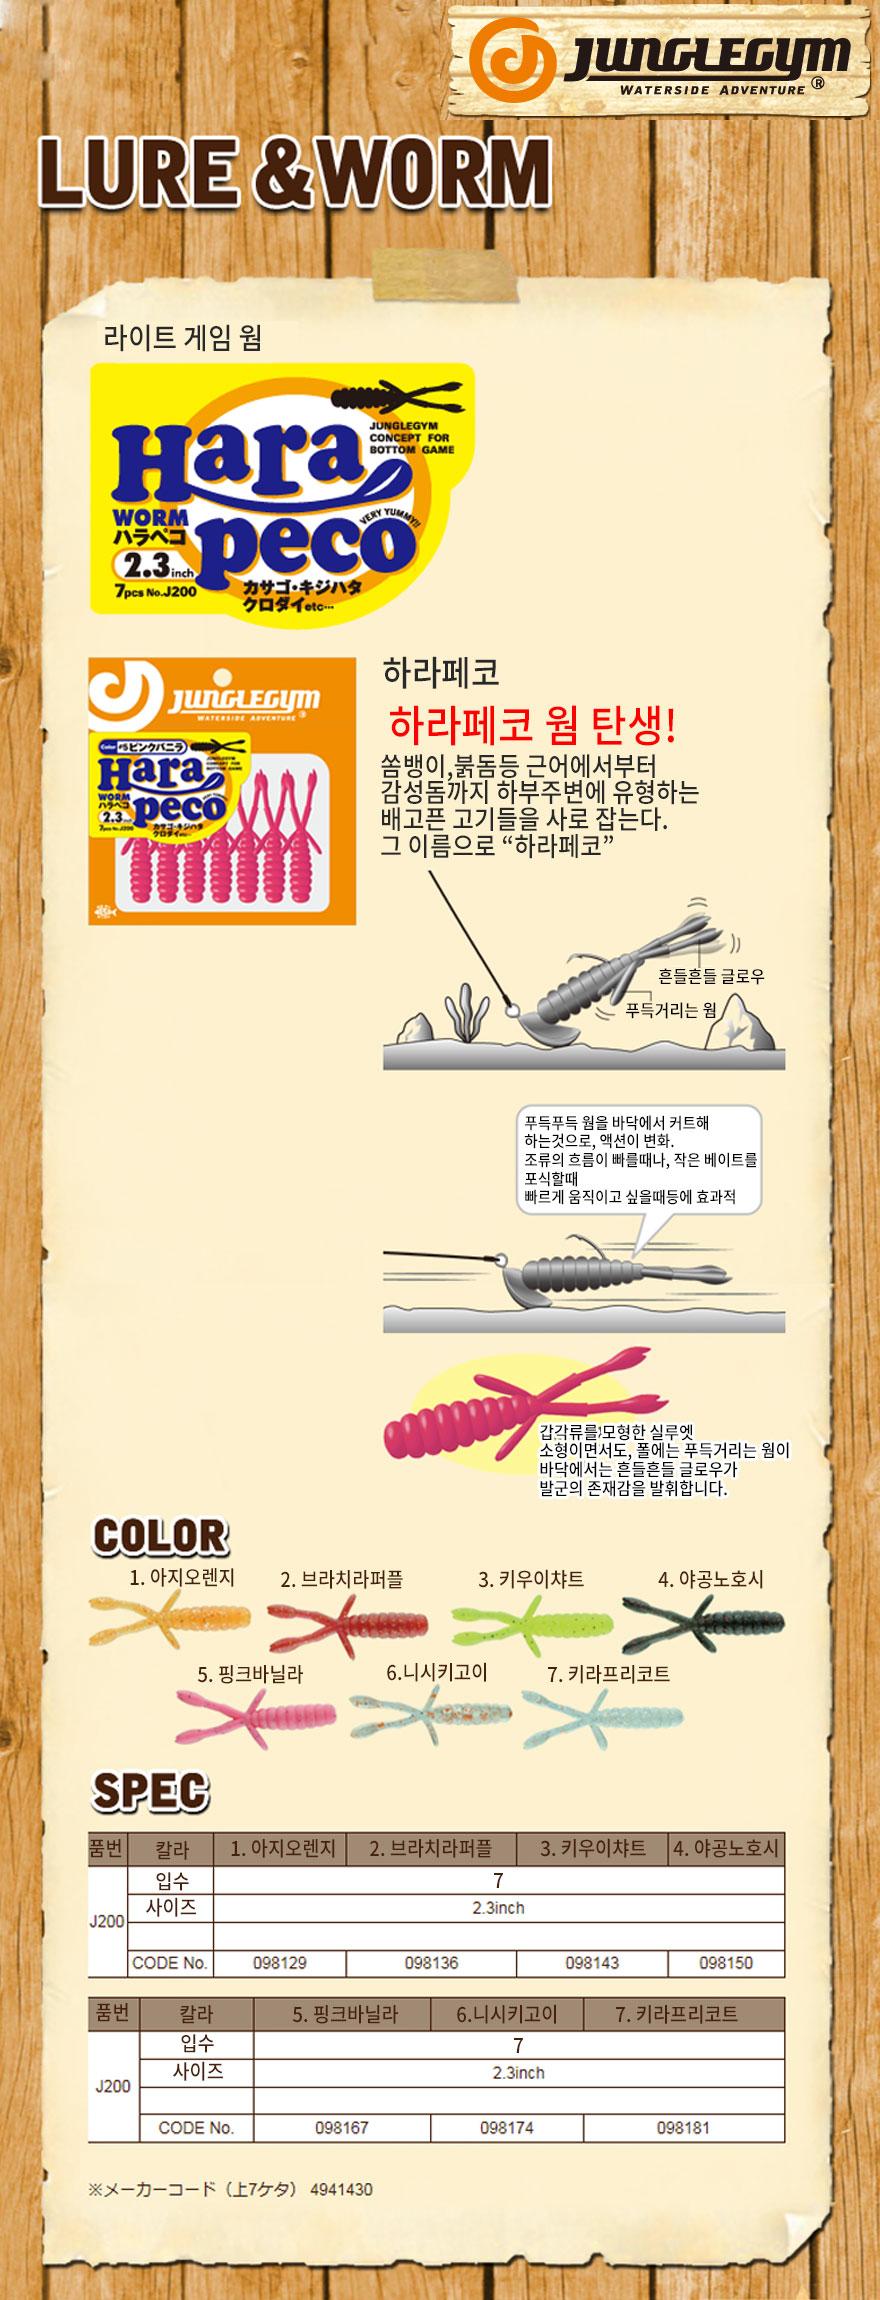 쟝글짐 하라페코웜 (J-200) 하드락피싱 하드락웜 락피쉬웜 하드락소프트베이트